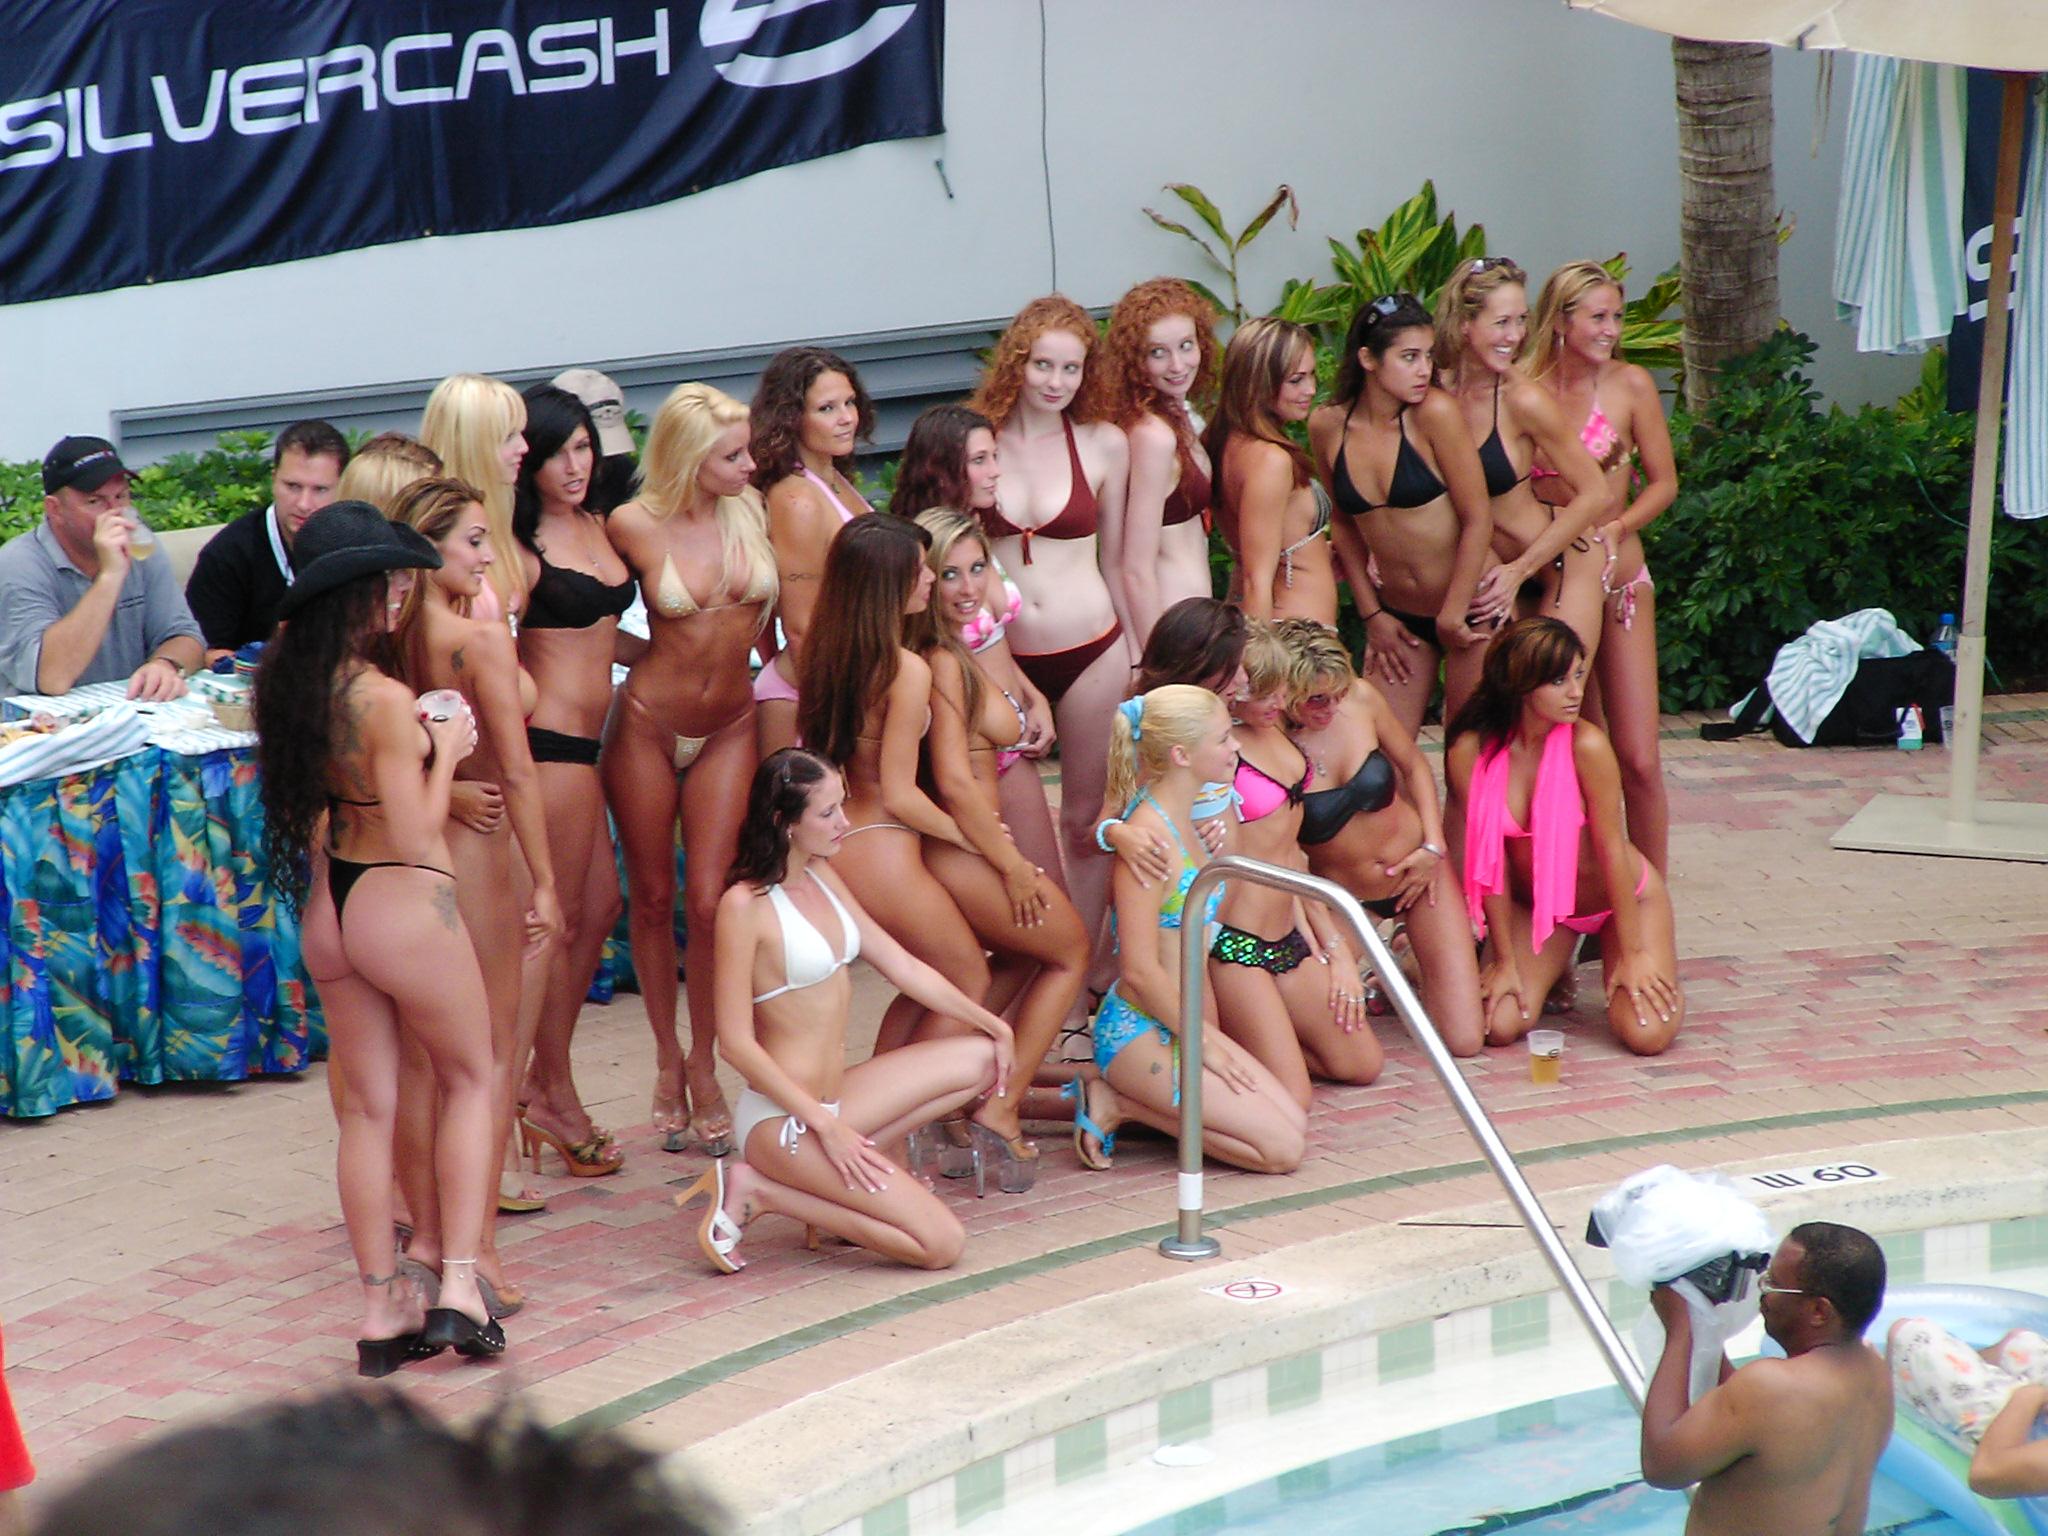 Many Bikini Models